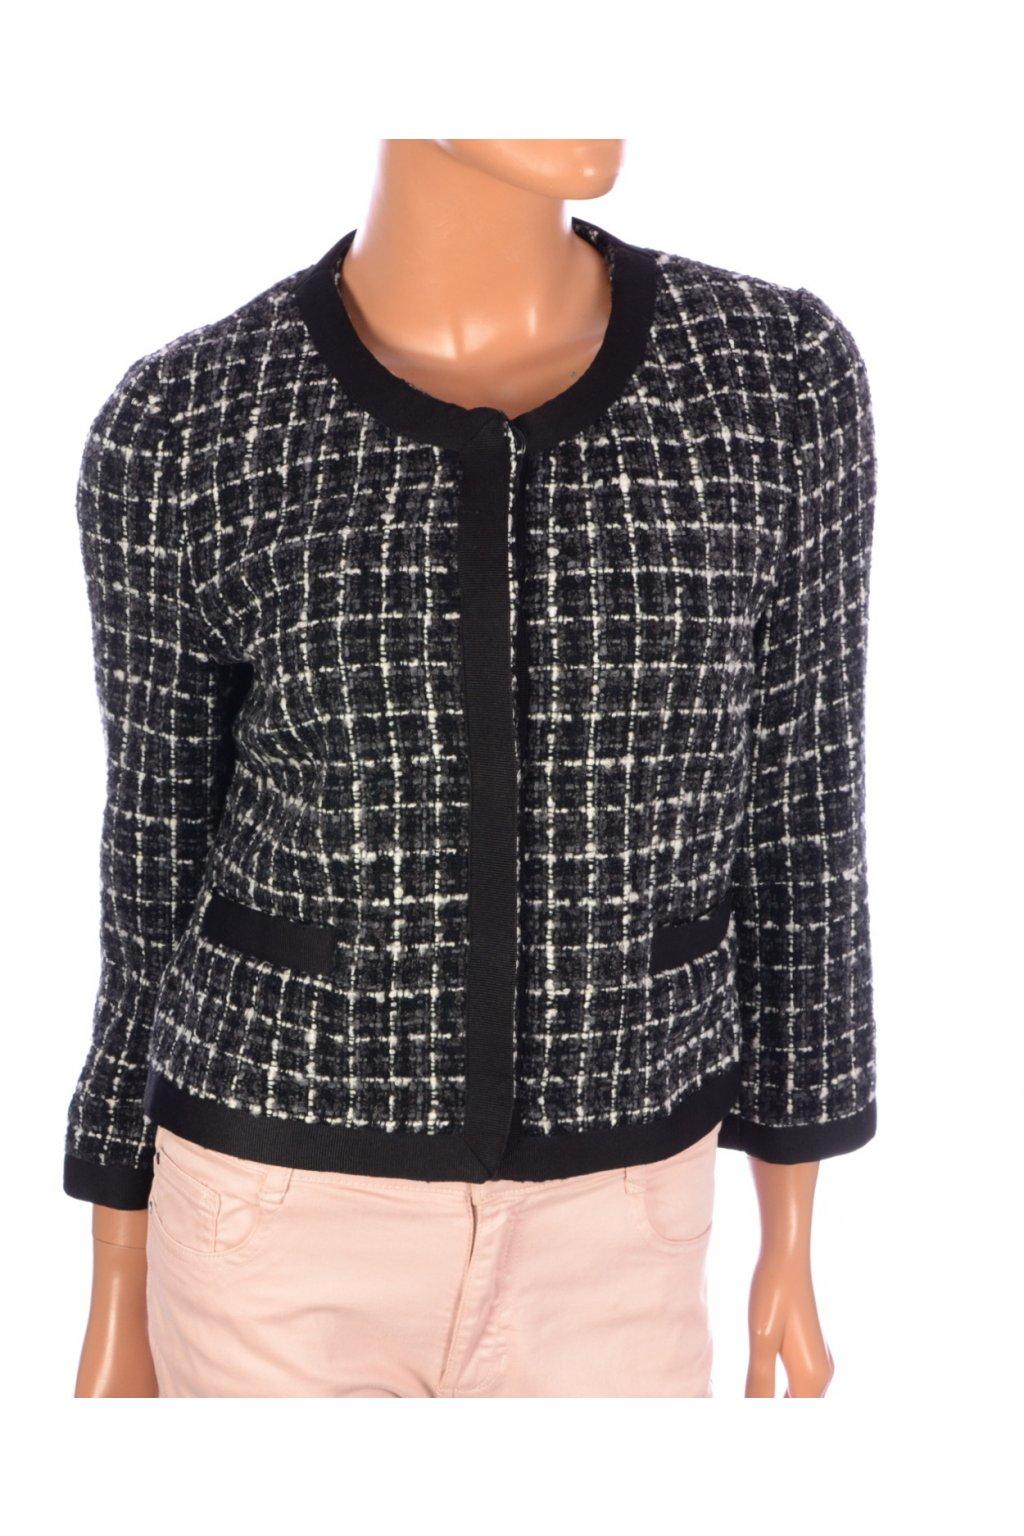 Kabát sako krátké H&M vel. M černo-bílý melanž